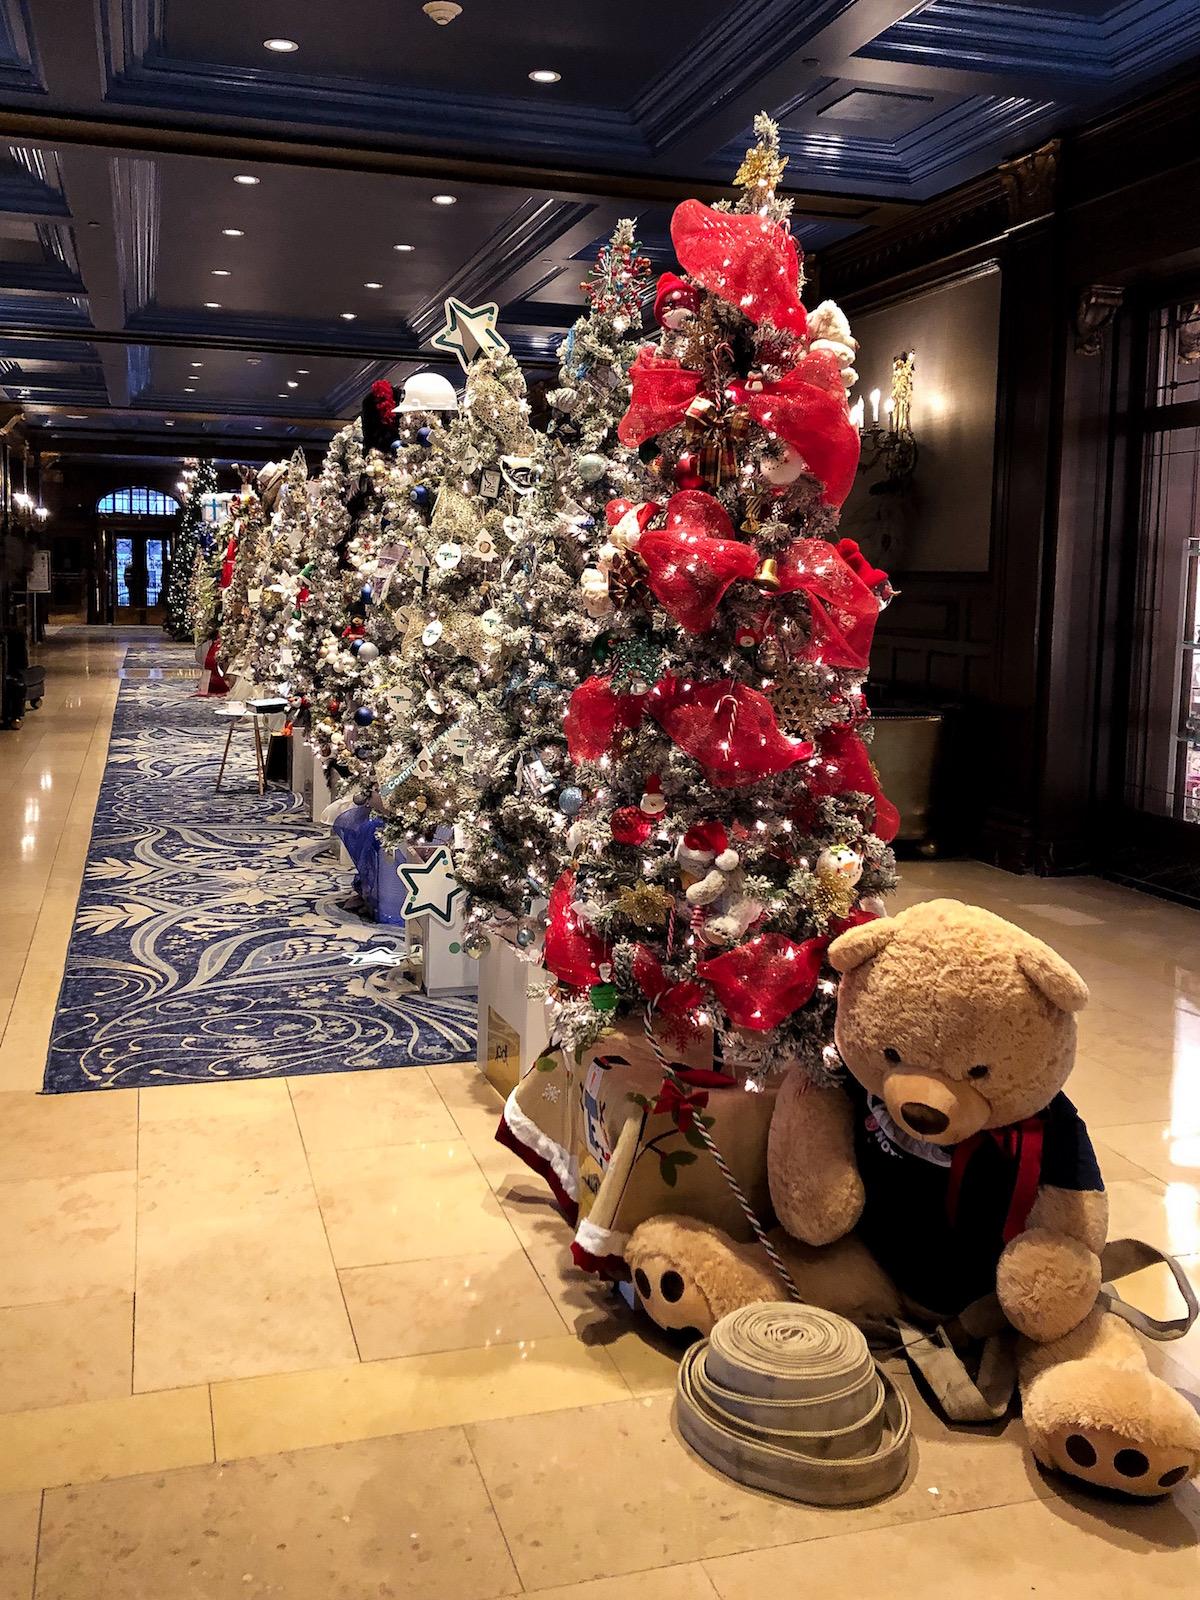 Fairmont Le Château Frontenac Hotel Christmas Decorations